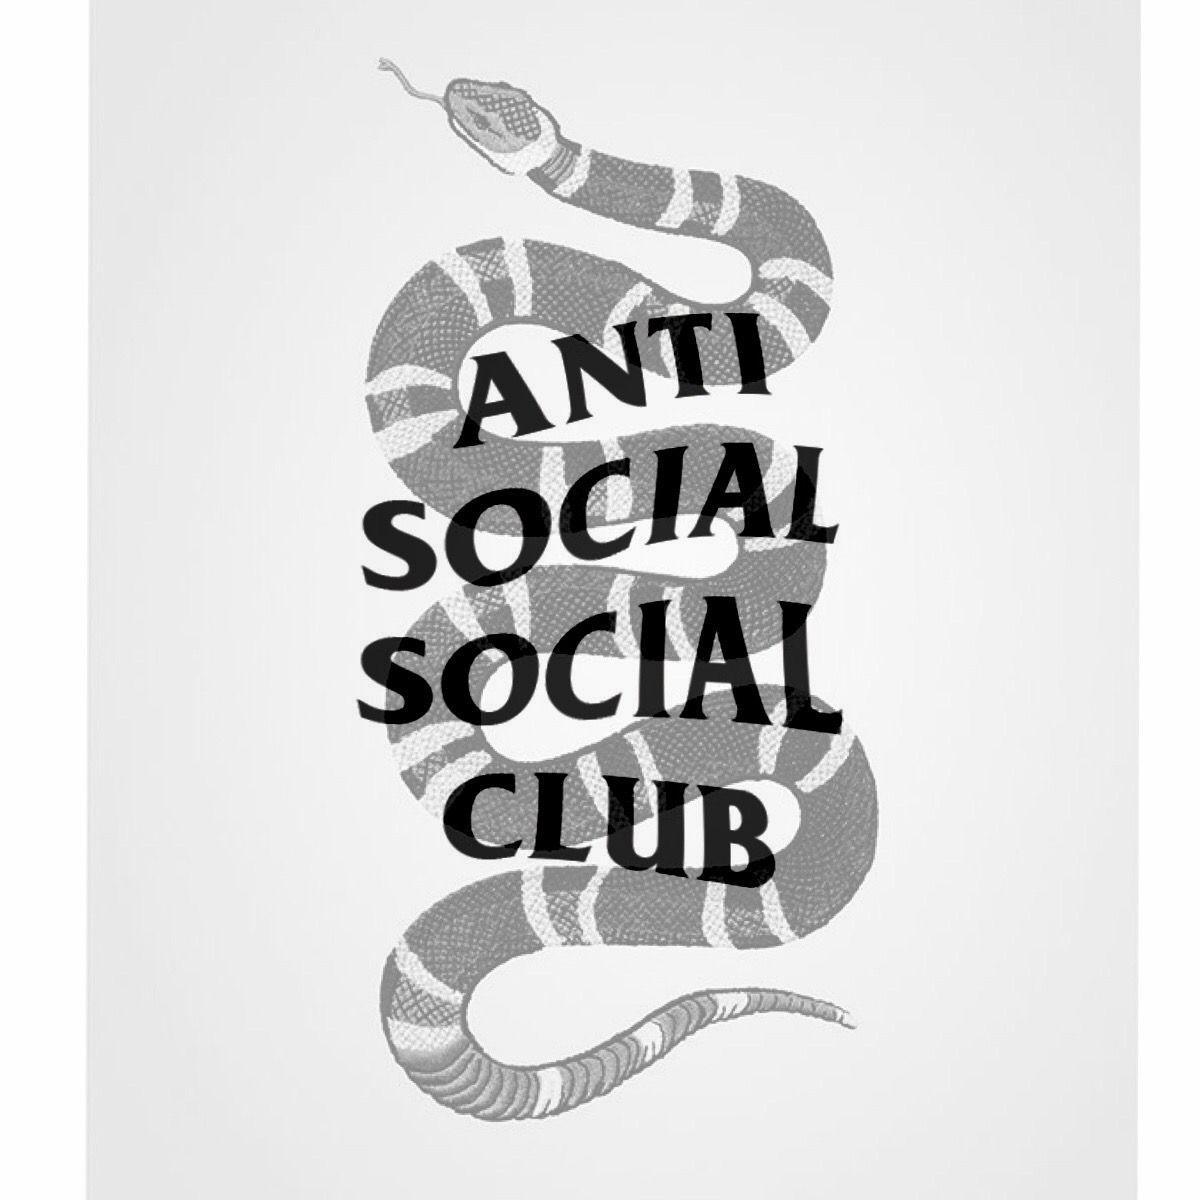 14394418bd3 Antisocialsocialclub wallpaper @gucci @antosocialsocialclub @snake .